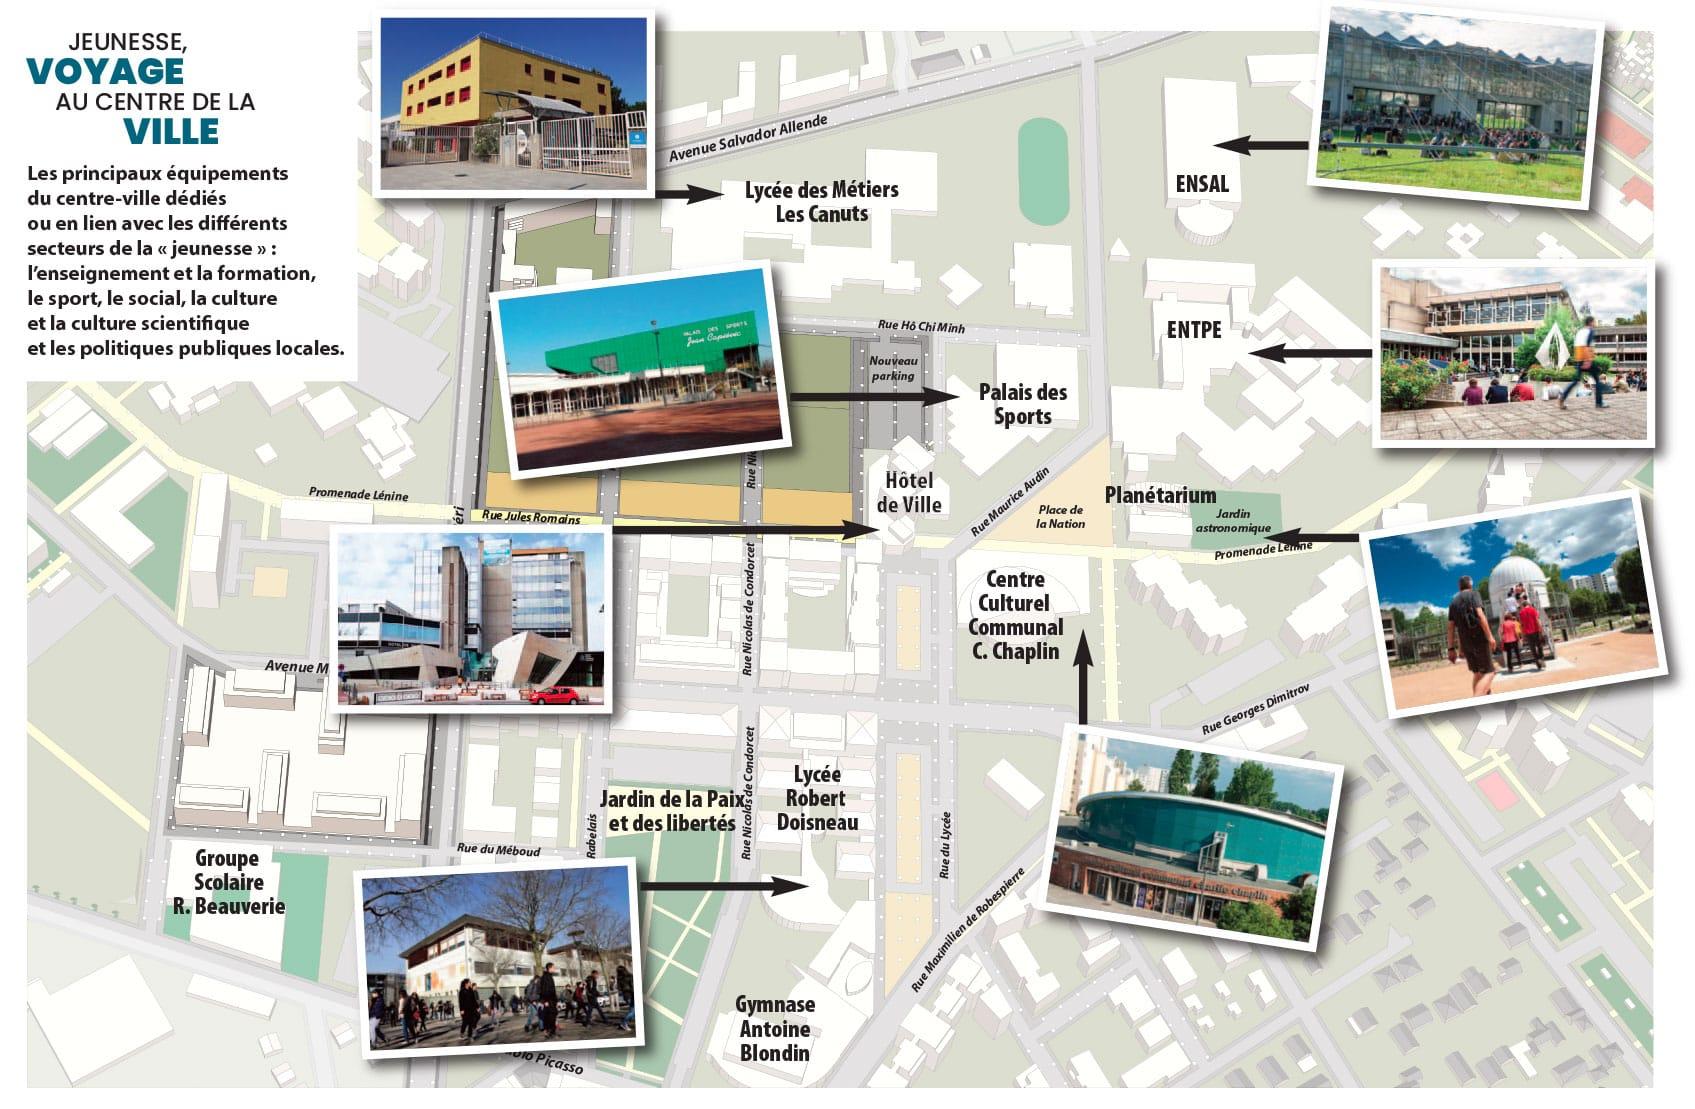 Plan du centre-ville de Vaulx-en-Velin présentant les principaux équipements dédiés à la jeunesse - Journées européennes du patrimoine 2021